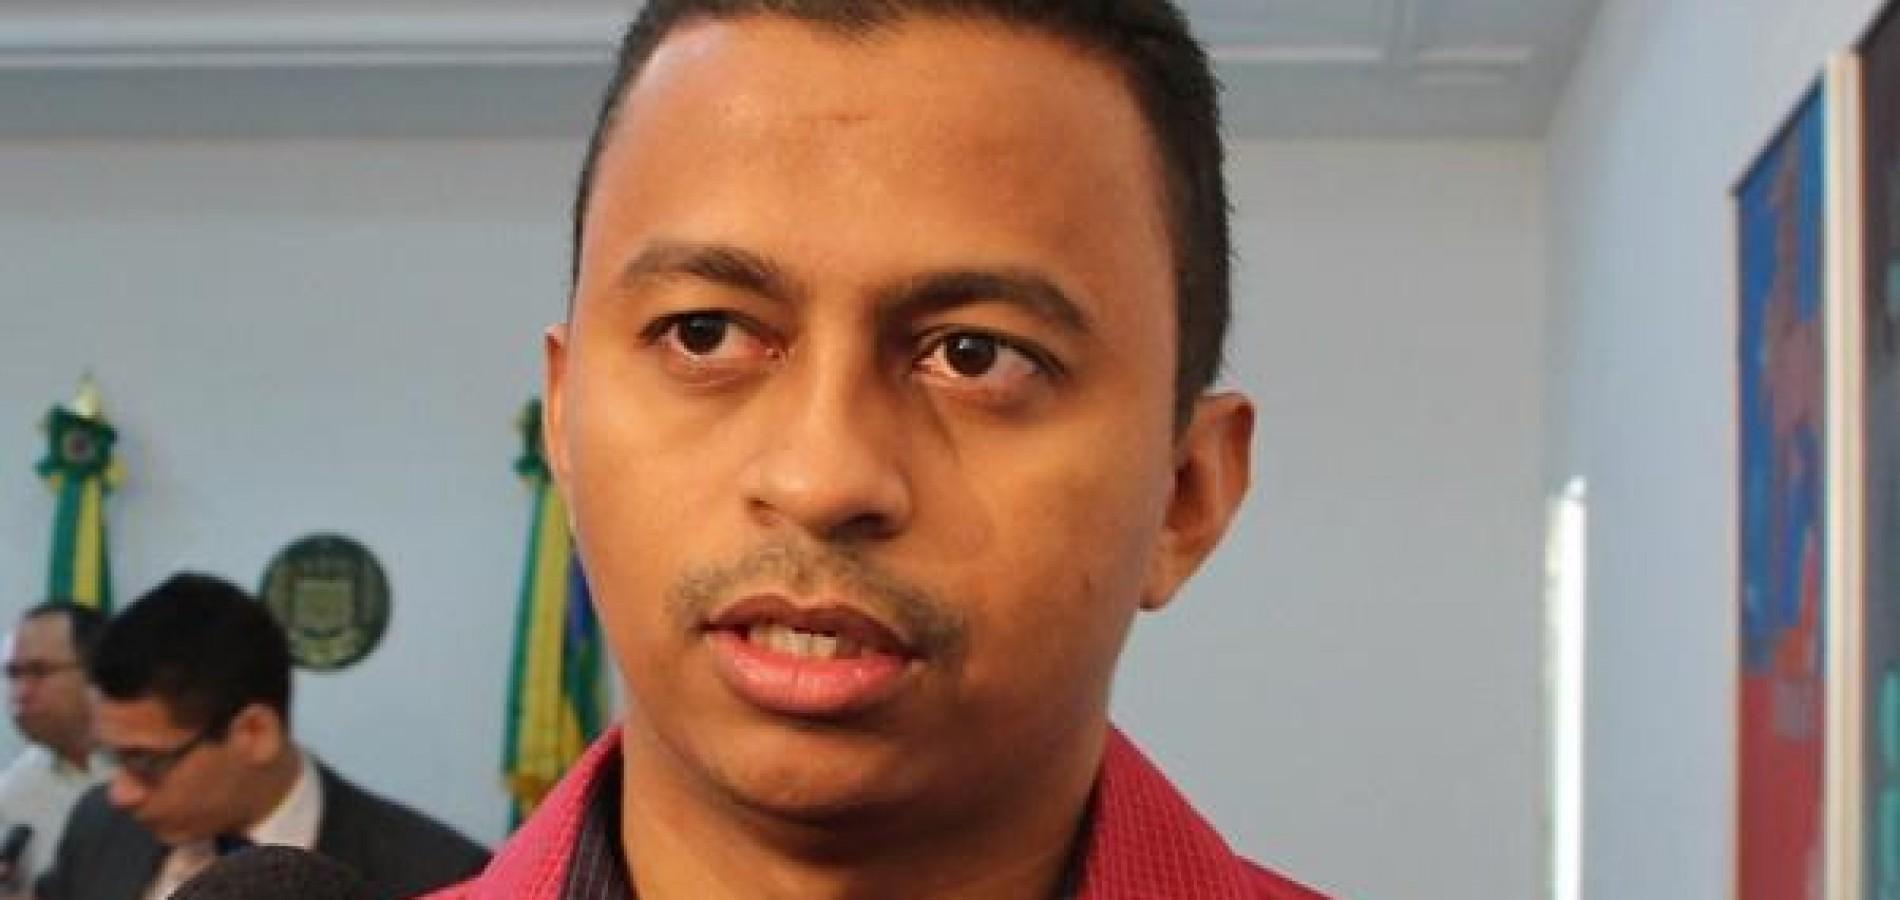 Sesapi manda apurar conduta irregular de médicos no Piauí